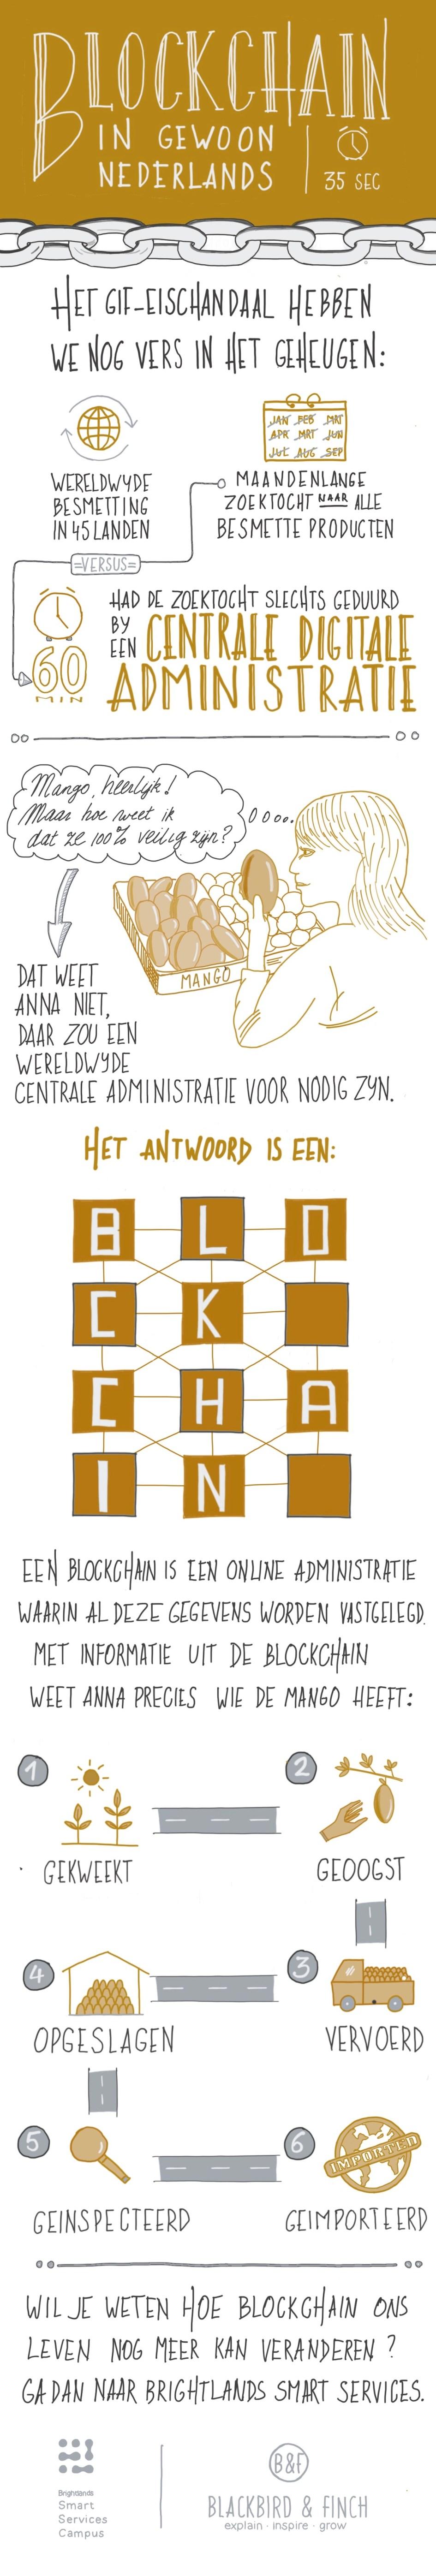 Blockchain in gewoon Nederlands